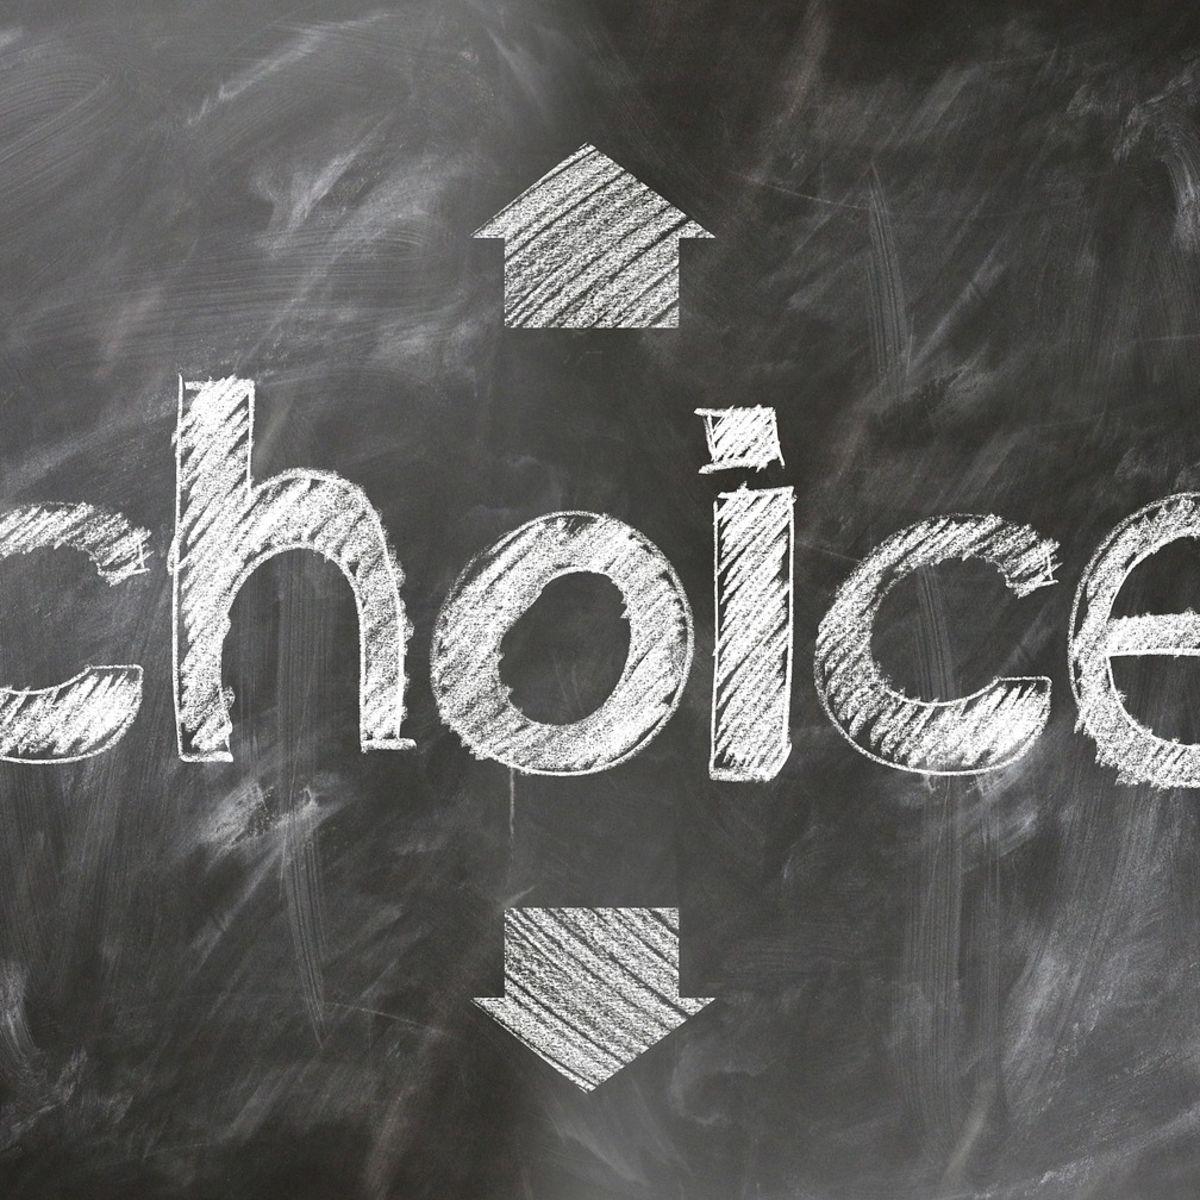 Choice among 4 arrows